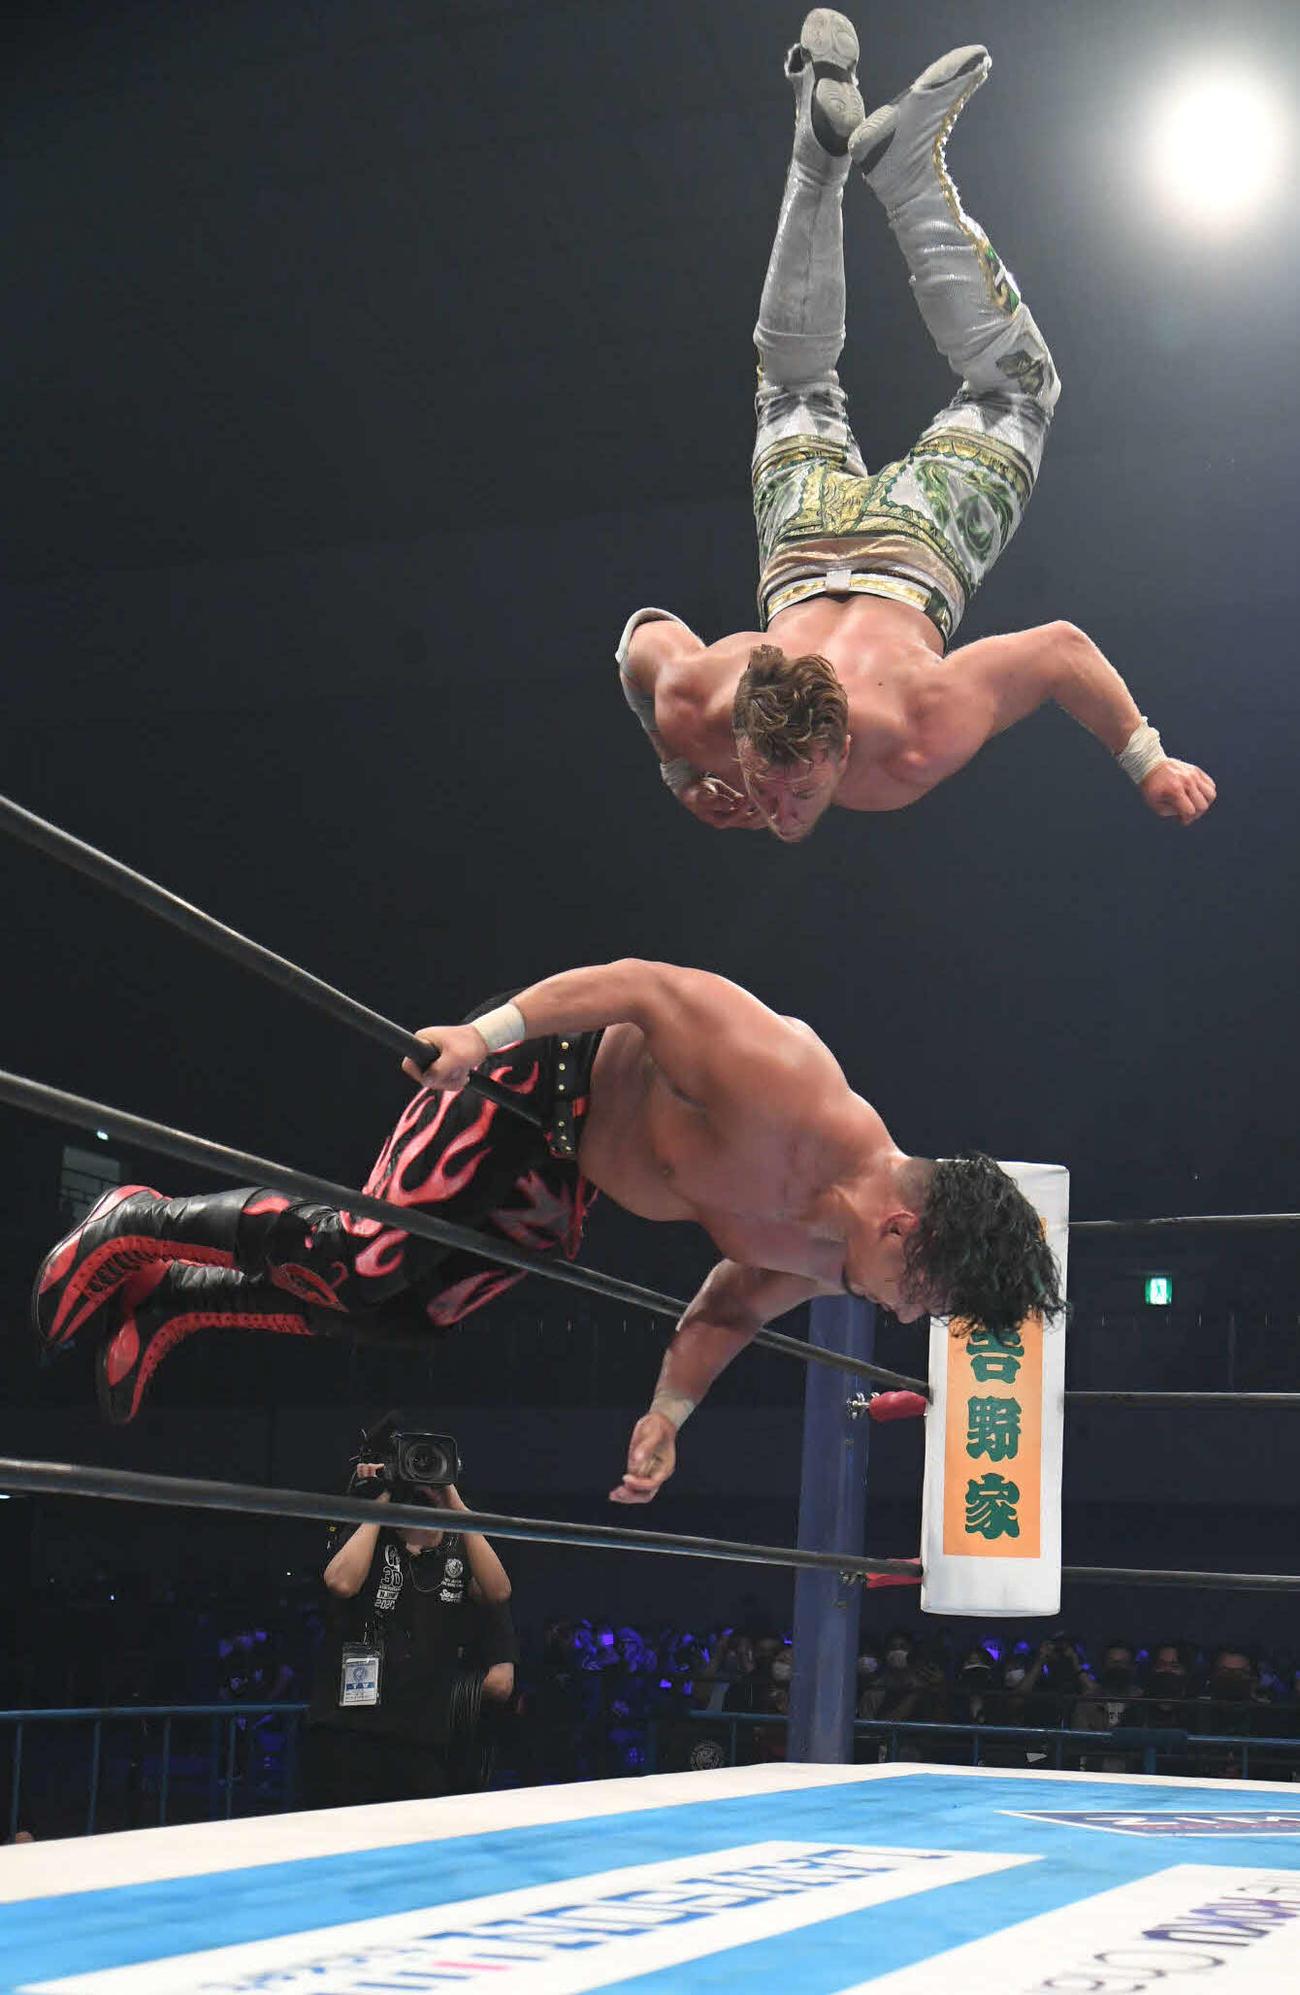 新日本プロレス福岡大会 鷹木信悟をロープに乗せ、コーナートップからシューティングスタープレスを決めるウィル・オスプレイ(新日本プロレス提供)